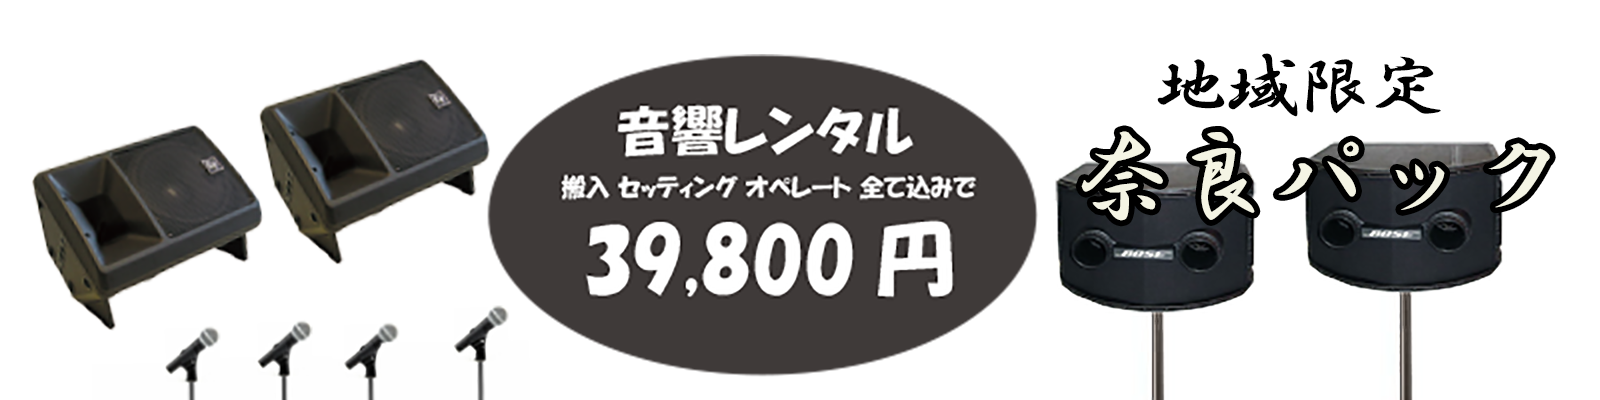 pa389_top